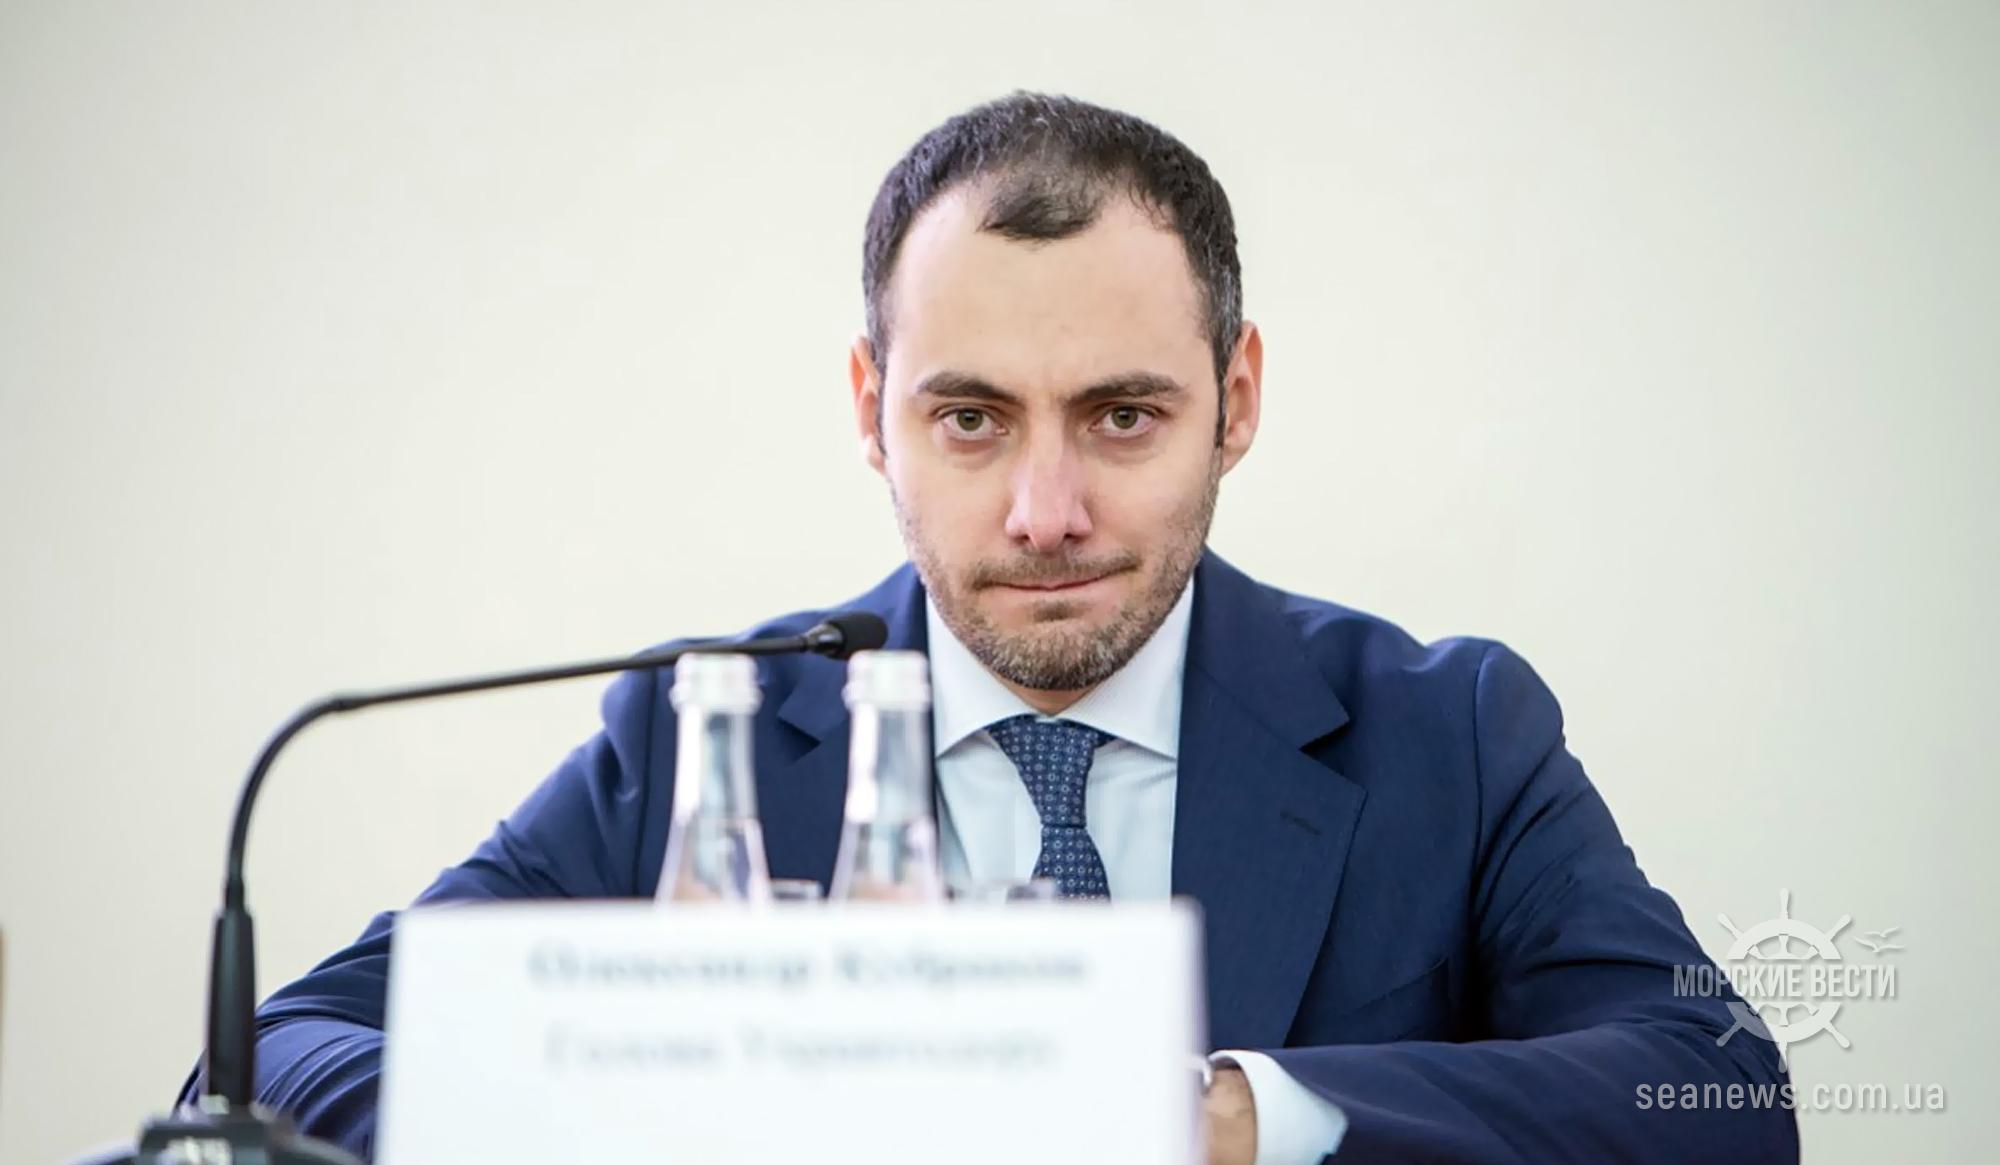 Министру инфраструктуры Кубракову назначили двух новых заместителей